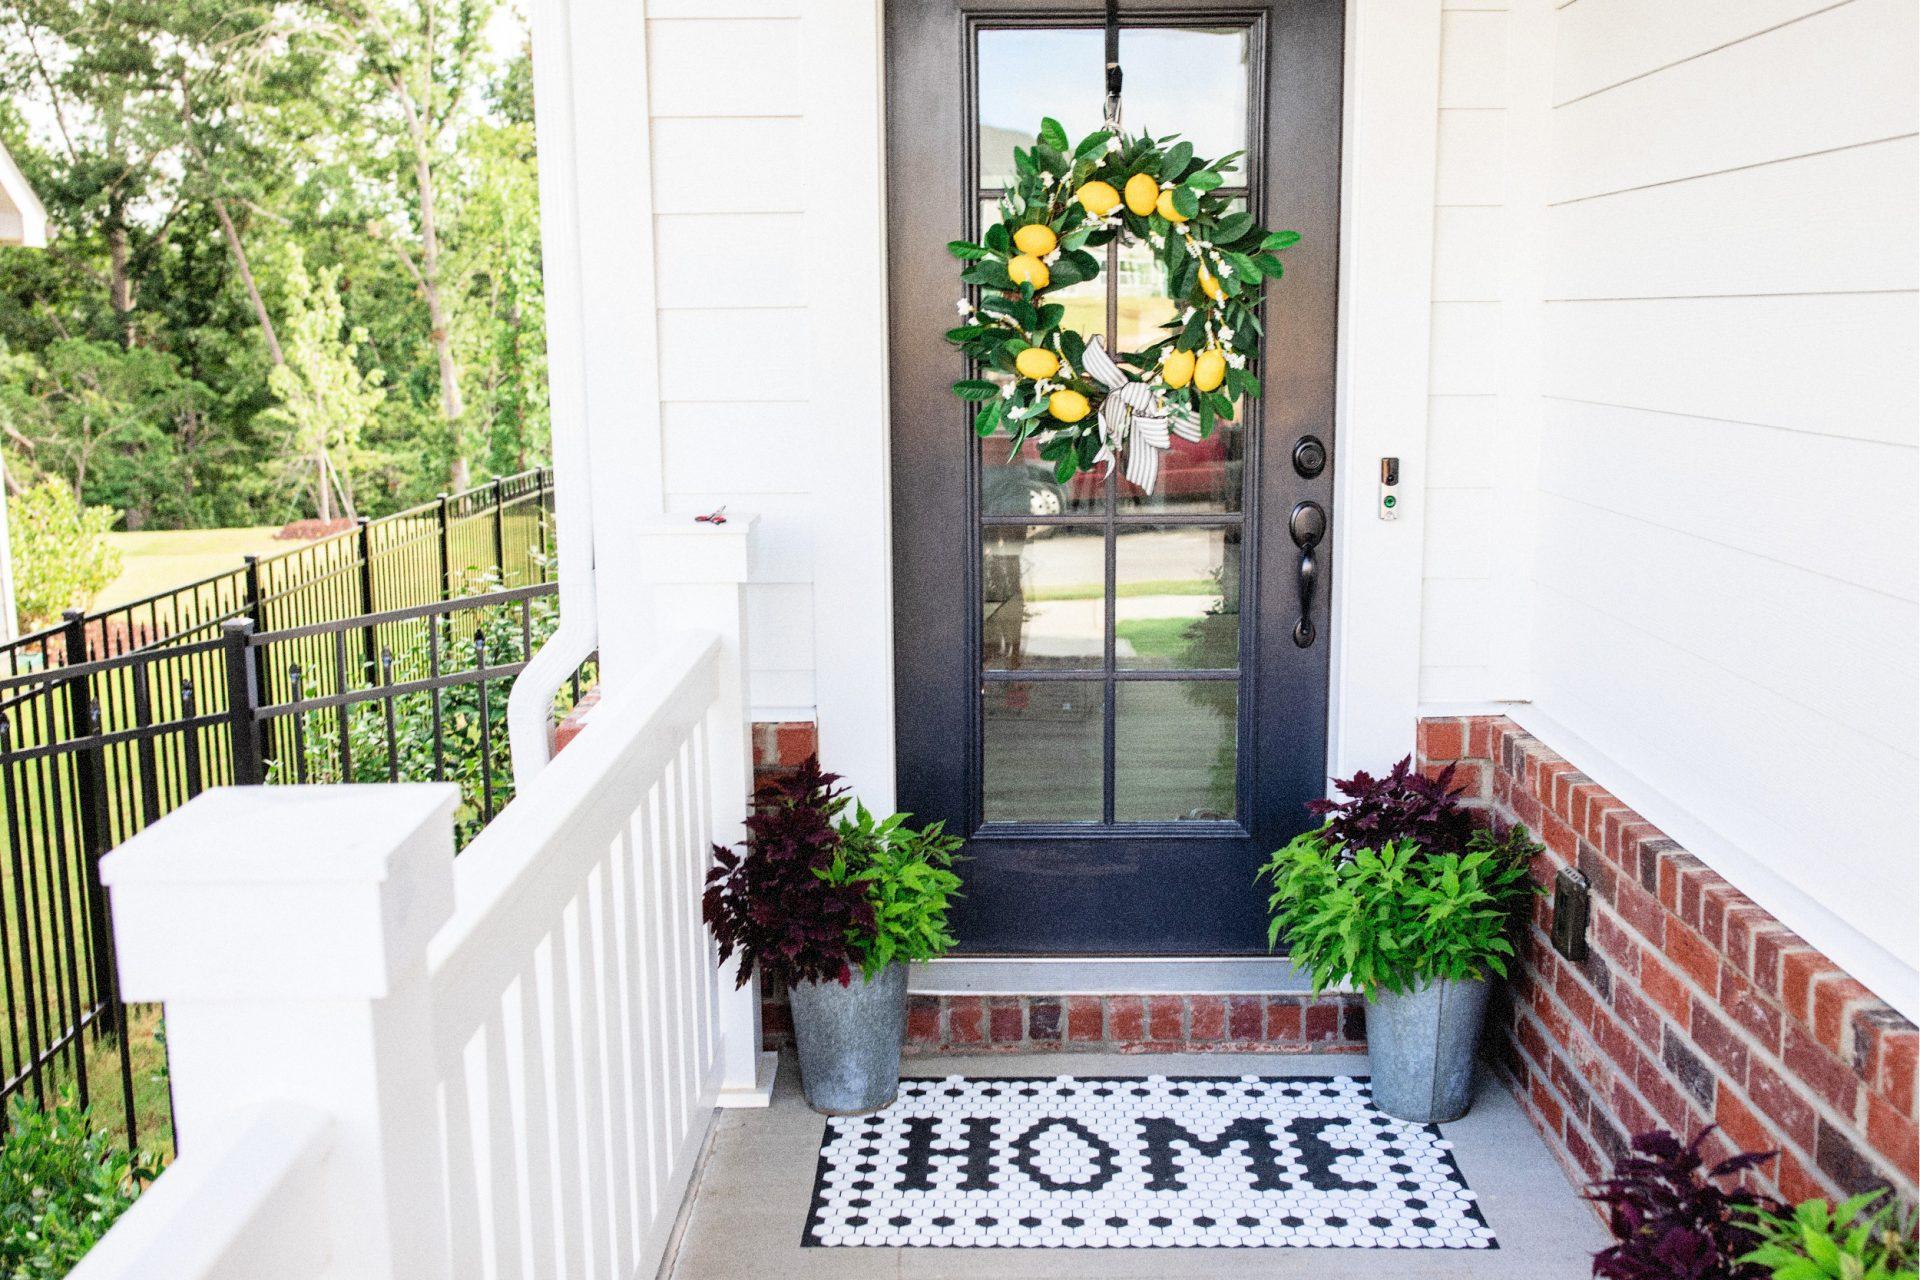 stencil, penny tile stencil, penny tile porch, royal stencil, stenciling concrete, stenciling porch, stencil porch